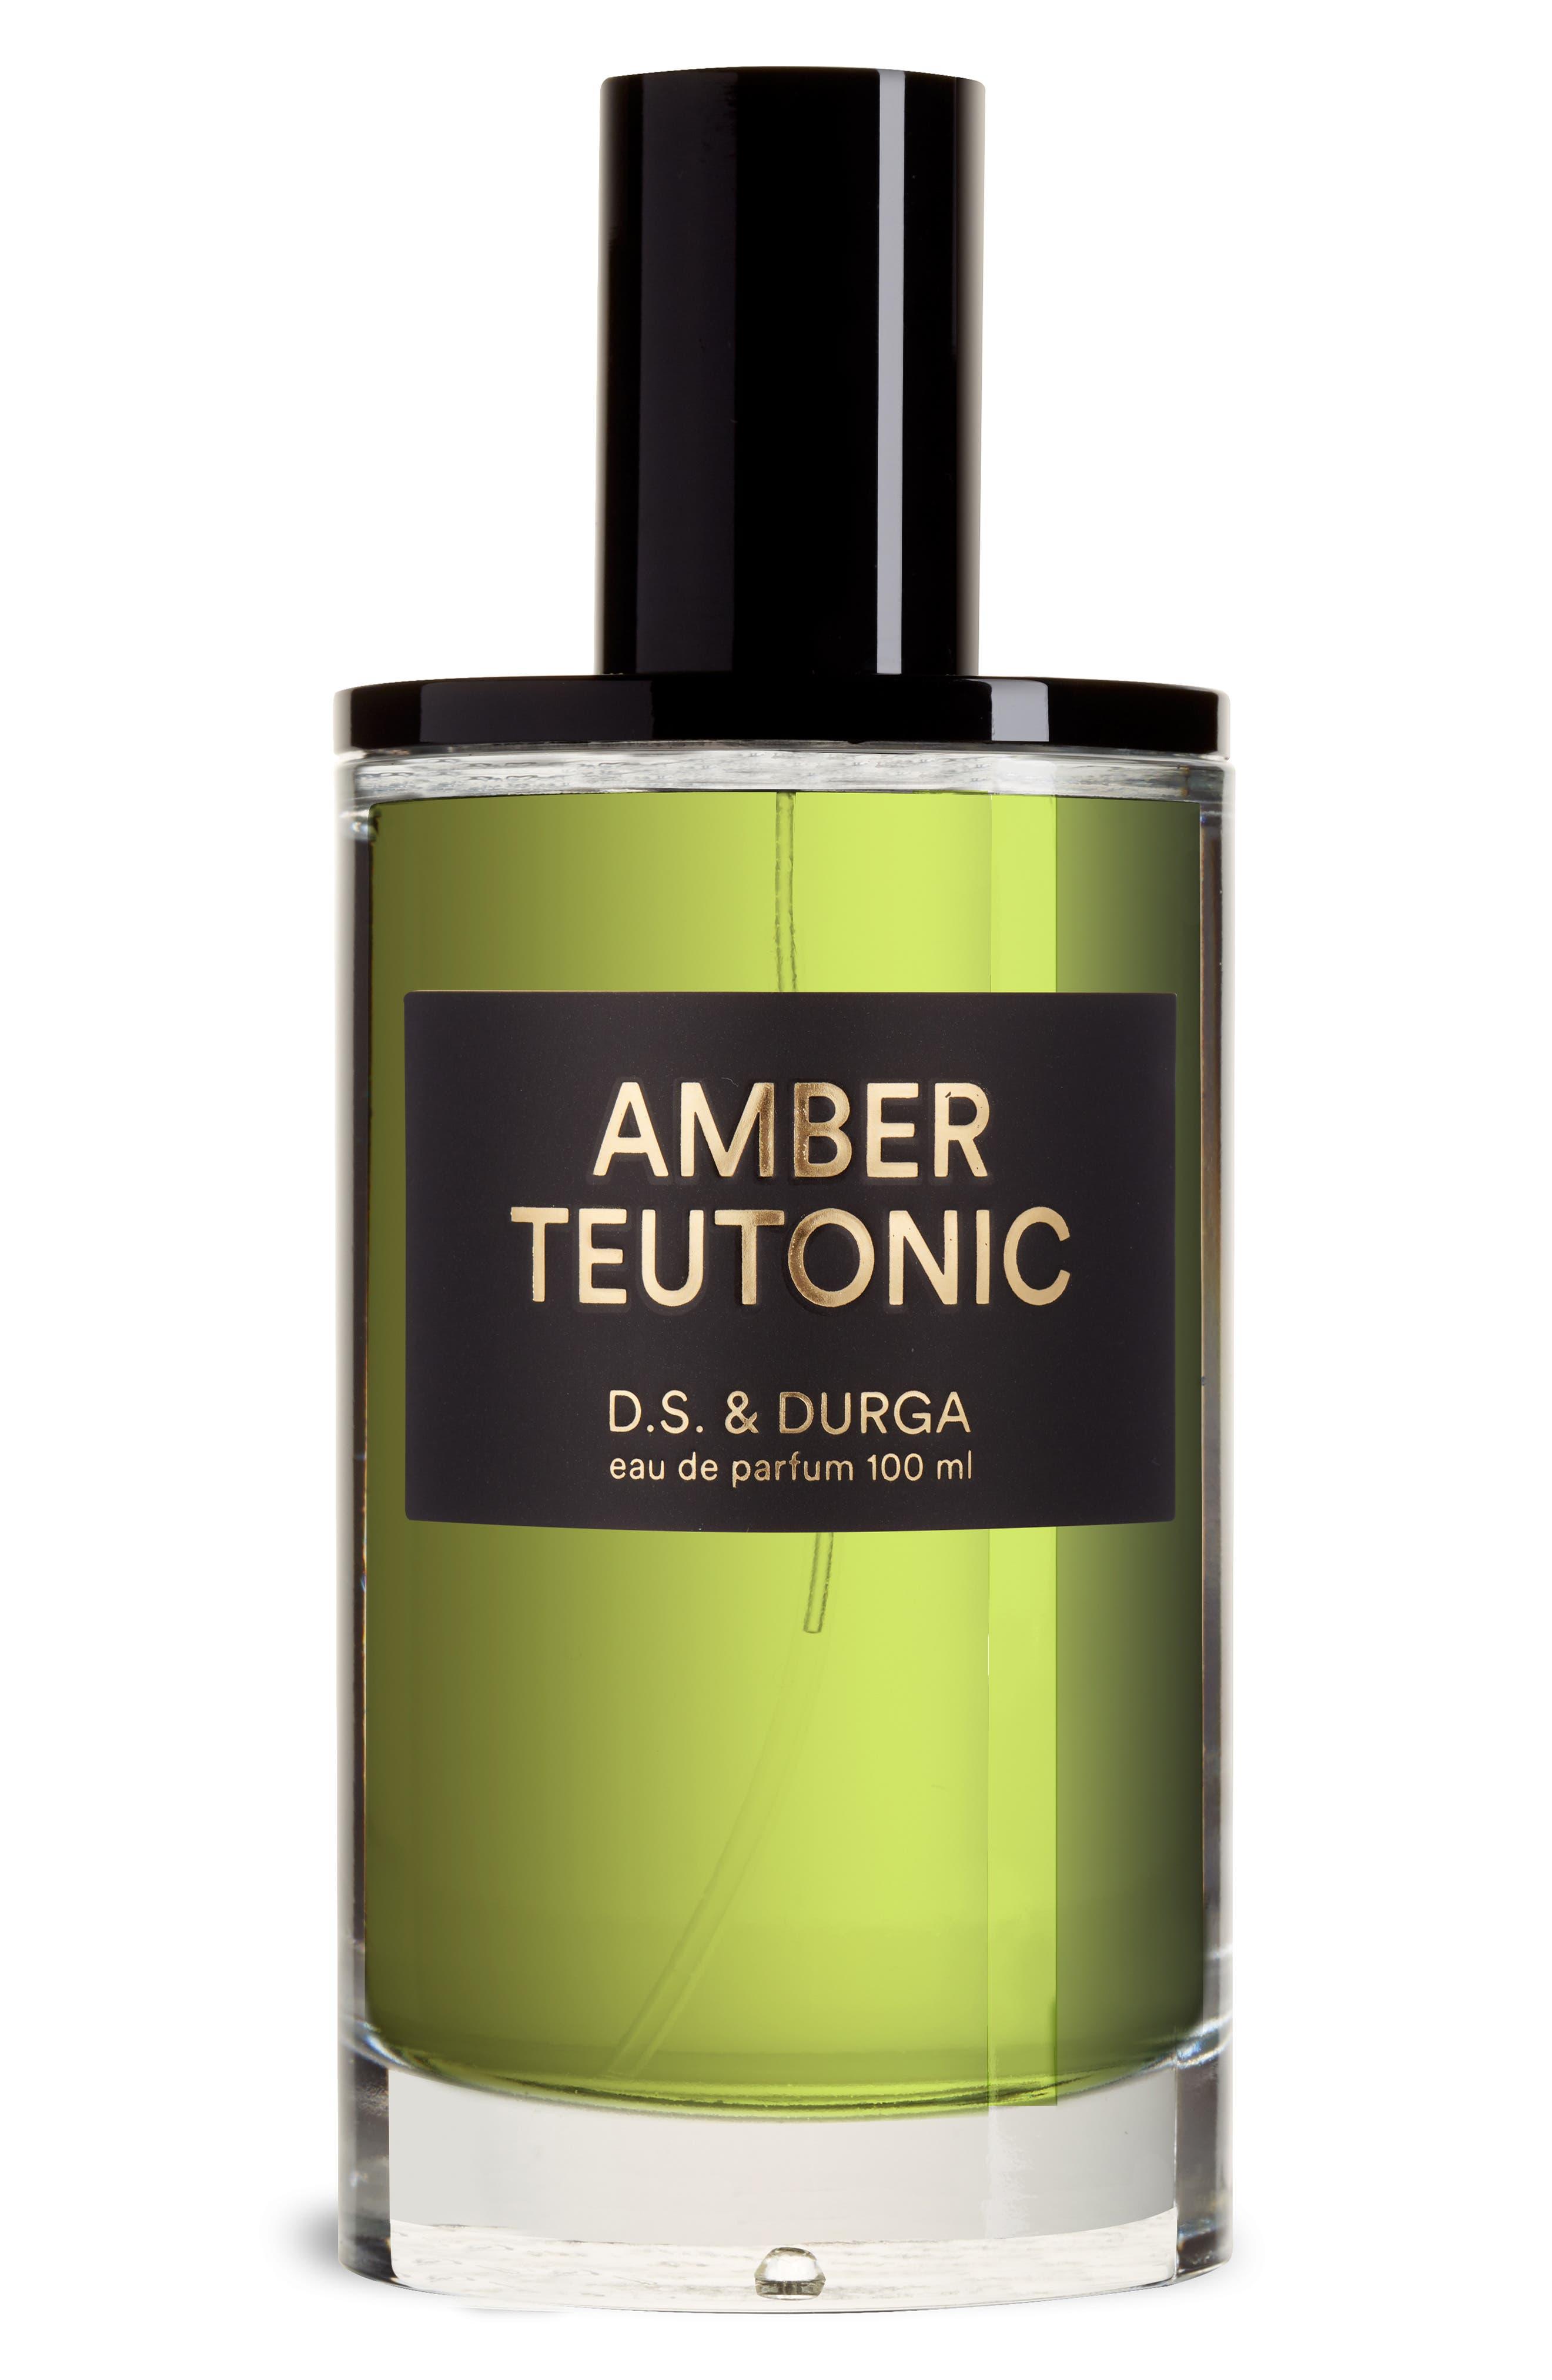 Amber Teutonic Eau De Parfum